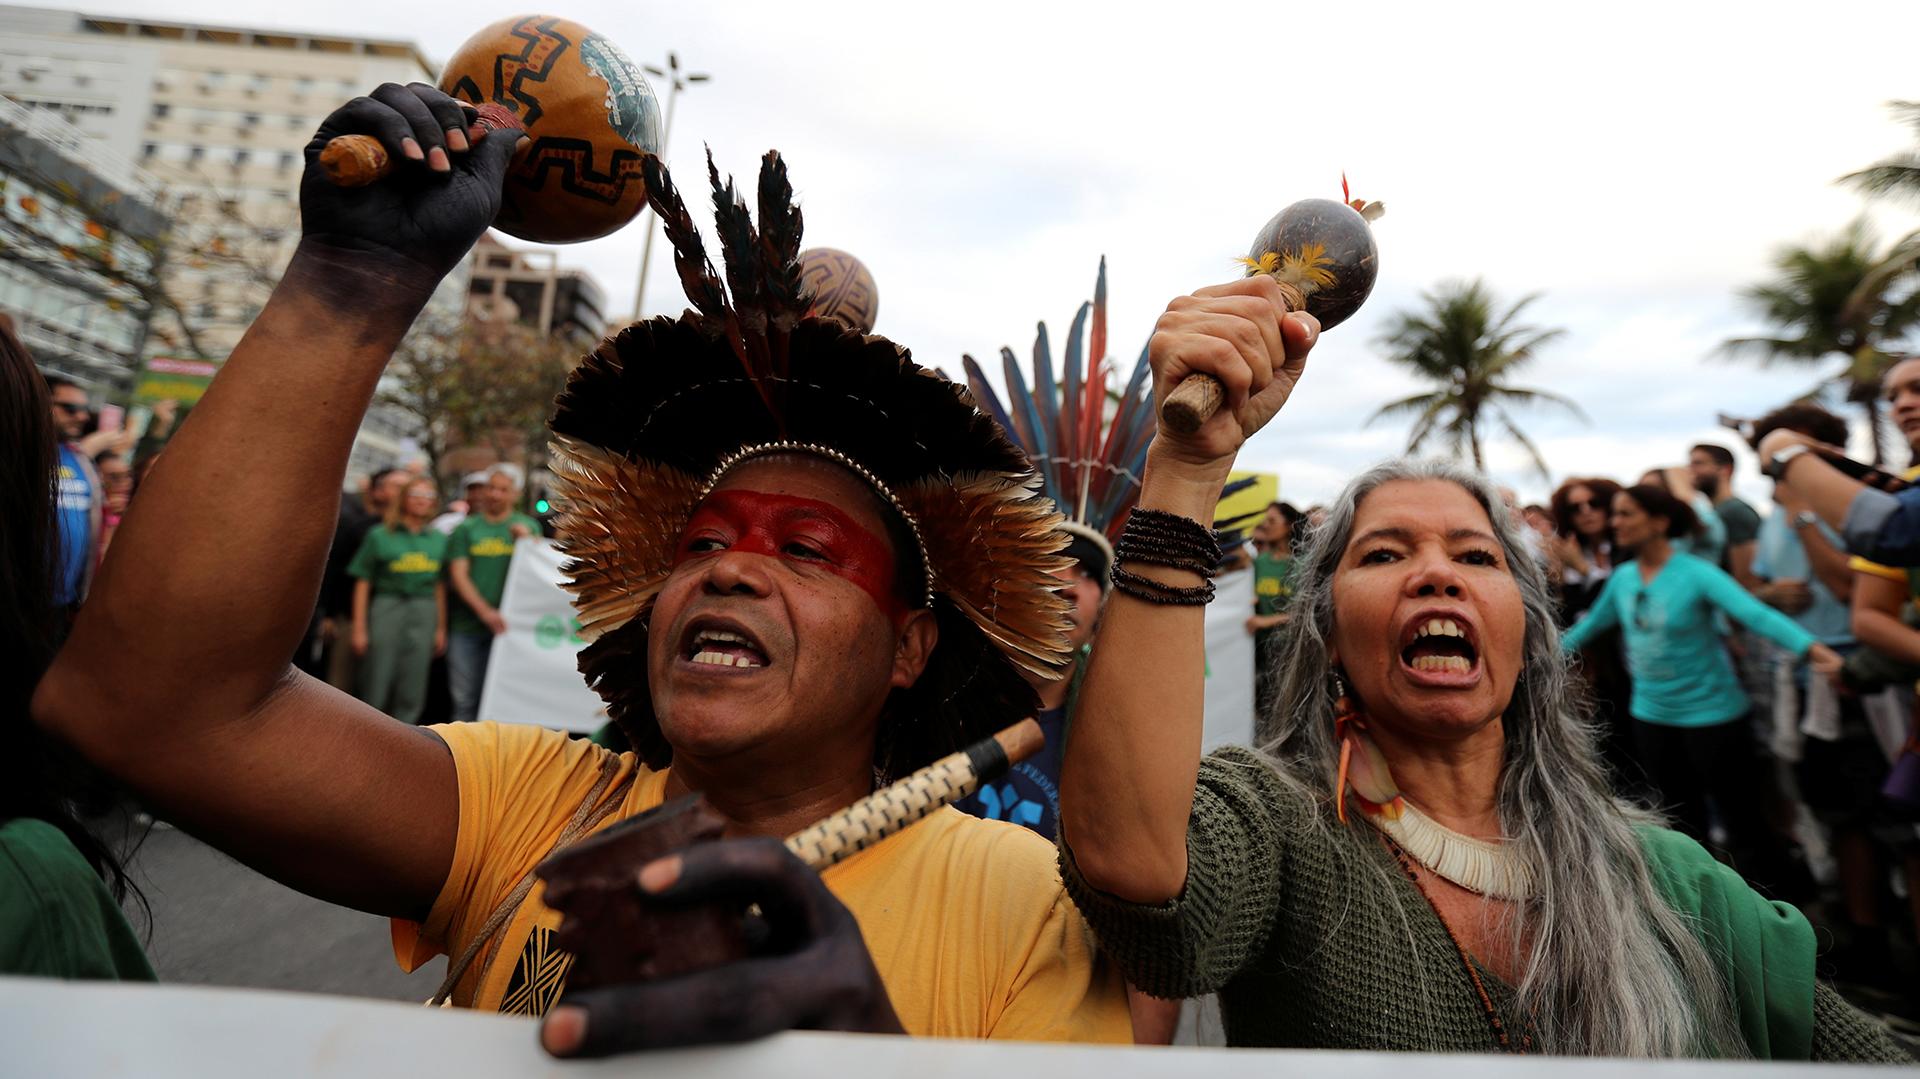 Los asistentes cantan consignas mientras participan en la manifestación para exigir más protección para la selva amazónica. REUTERS / Sergio Moraes